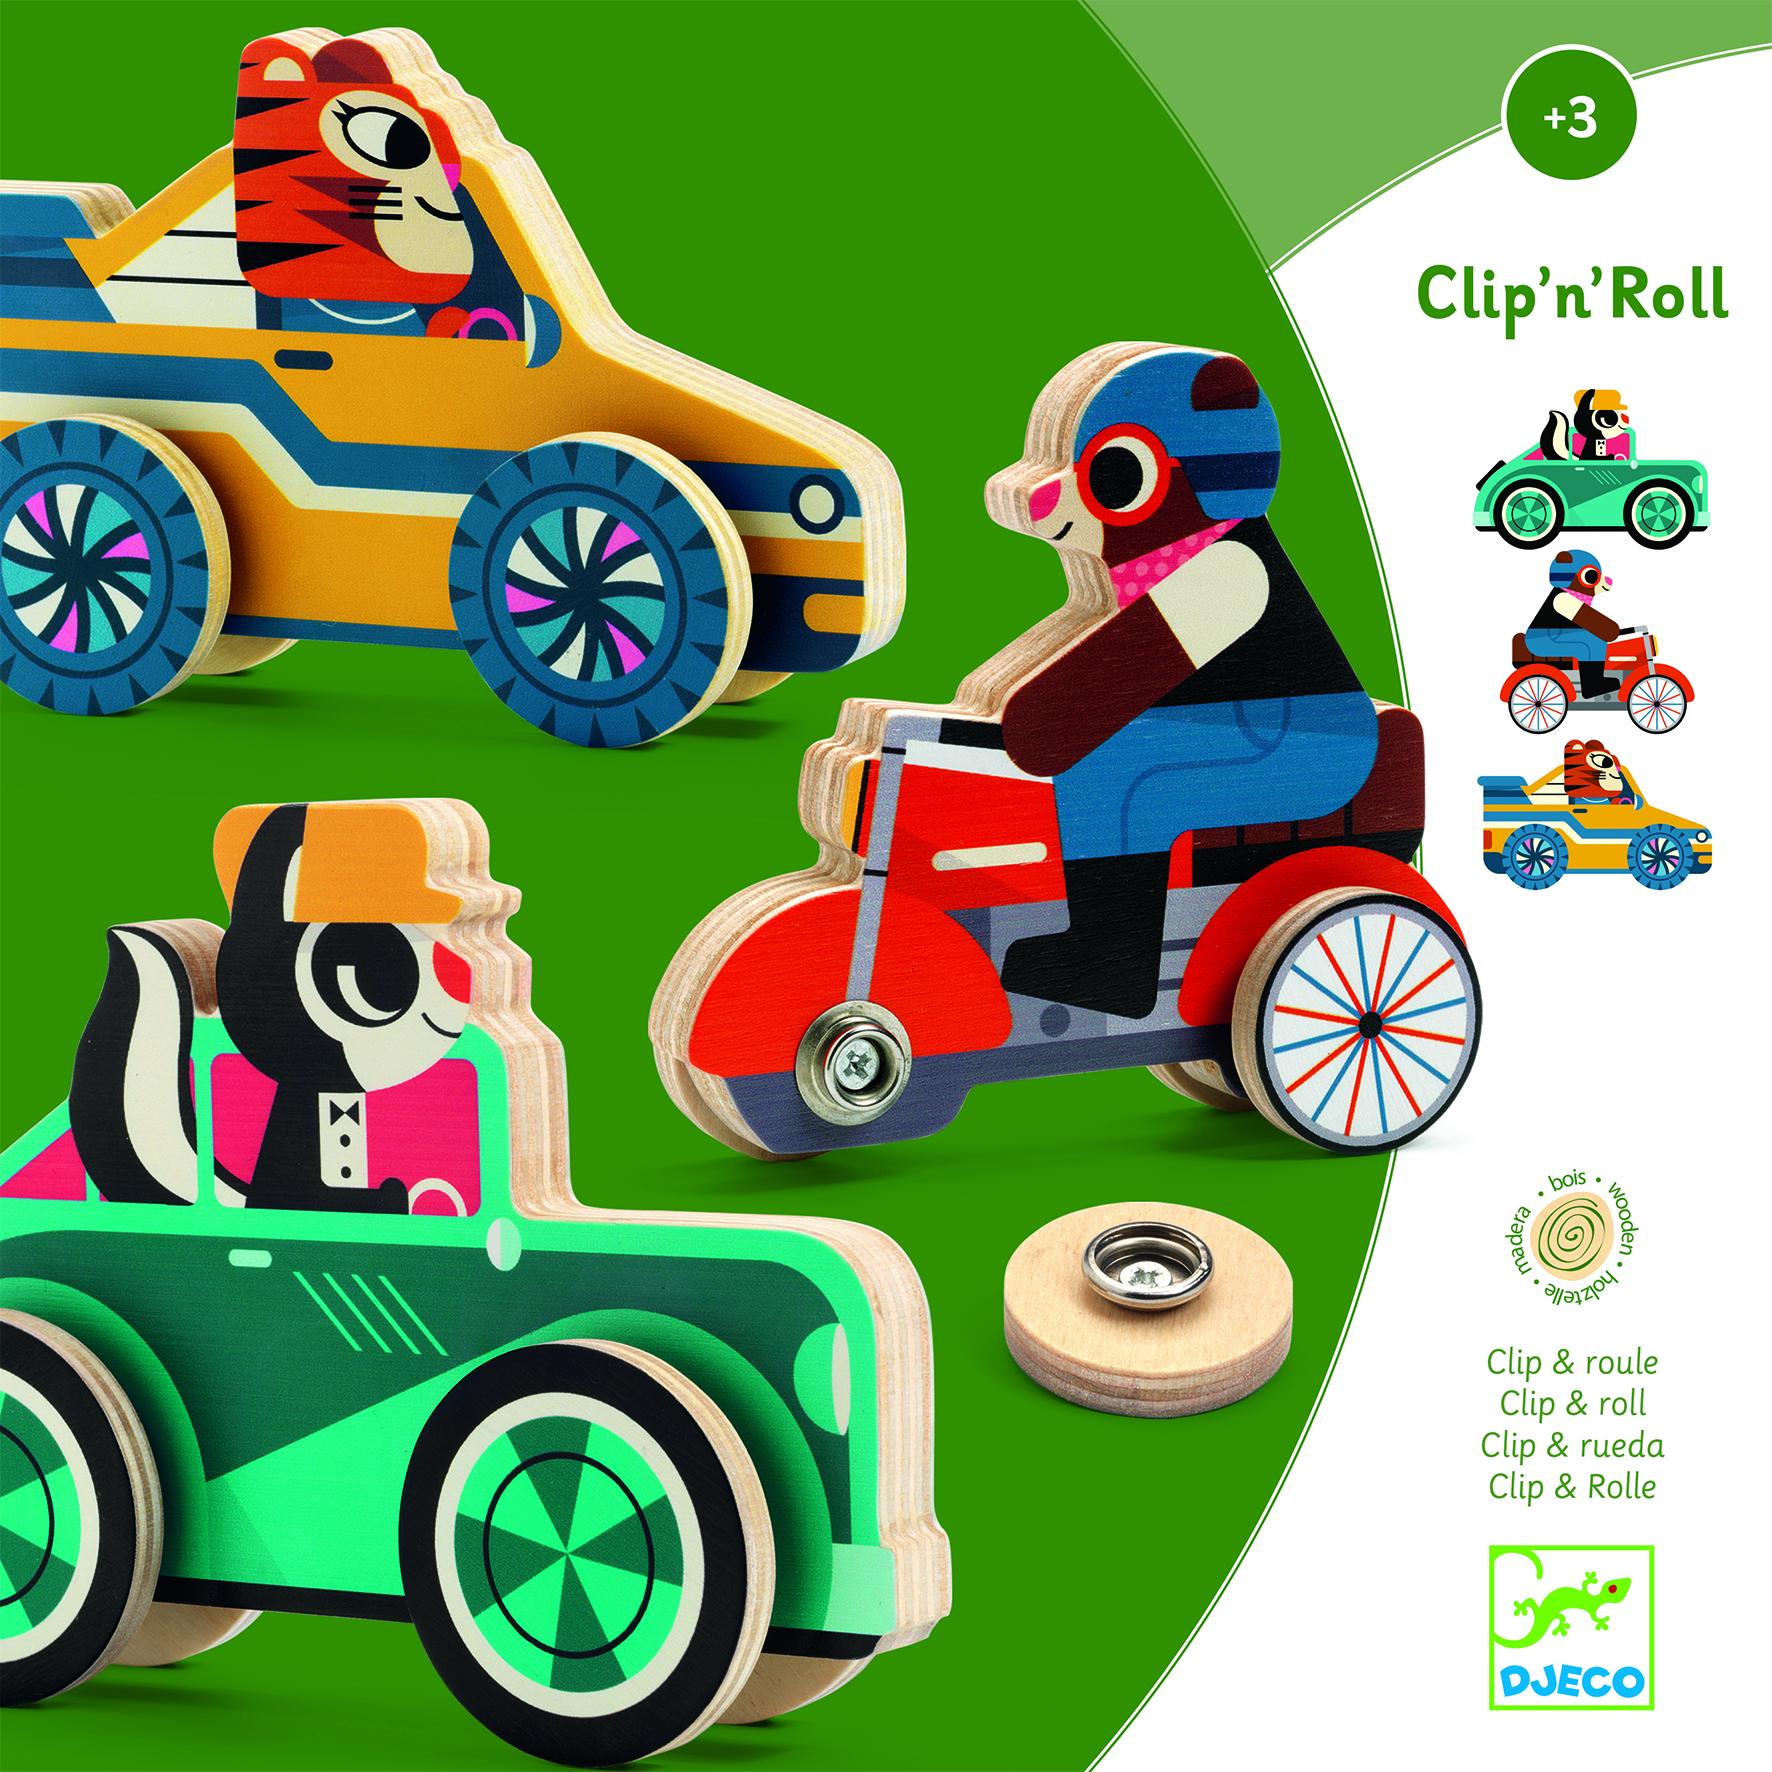 clipnroll - djeco